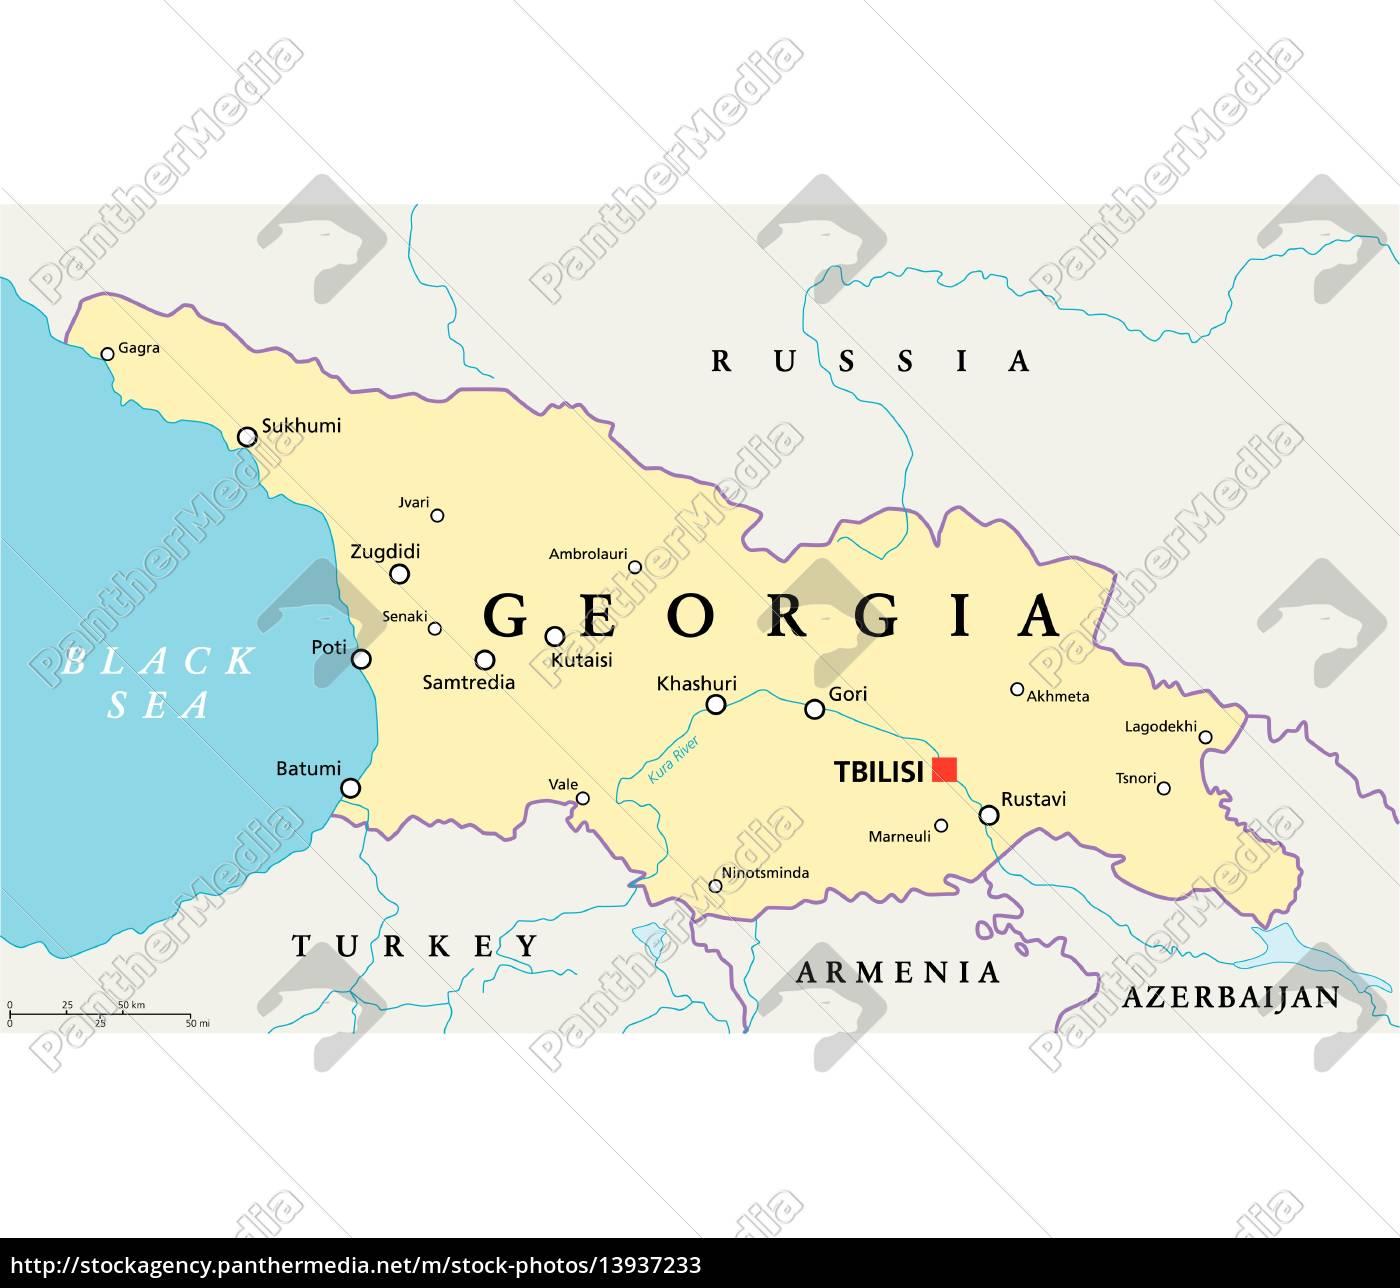 Georgia Political Map - Lizenzfreies Bild - #13937233 - Bildagentur ...